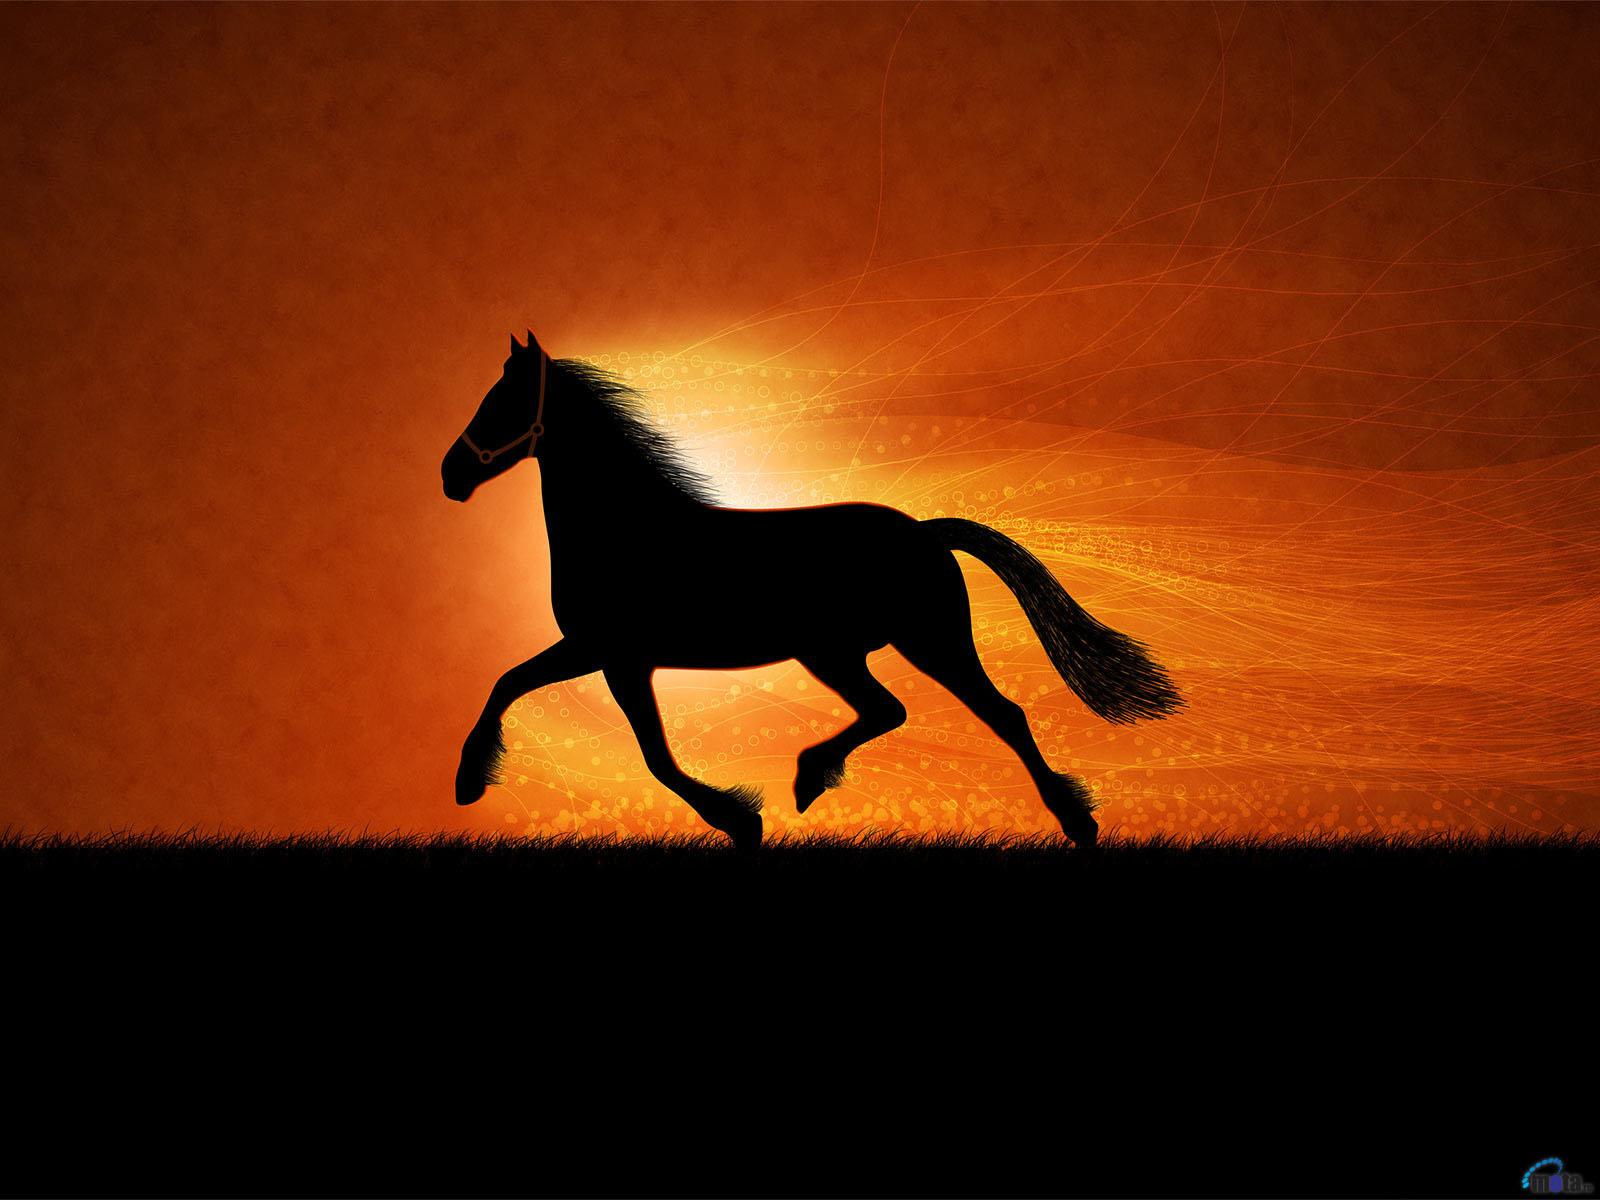 Free Download 3d Horse Wallpaper 3d Wallpaper Box 1600x1200 For